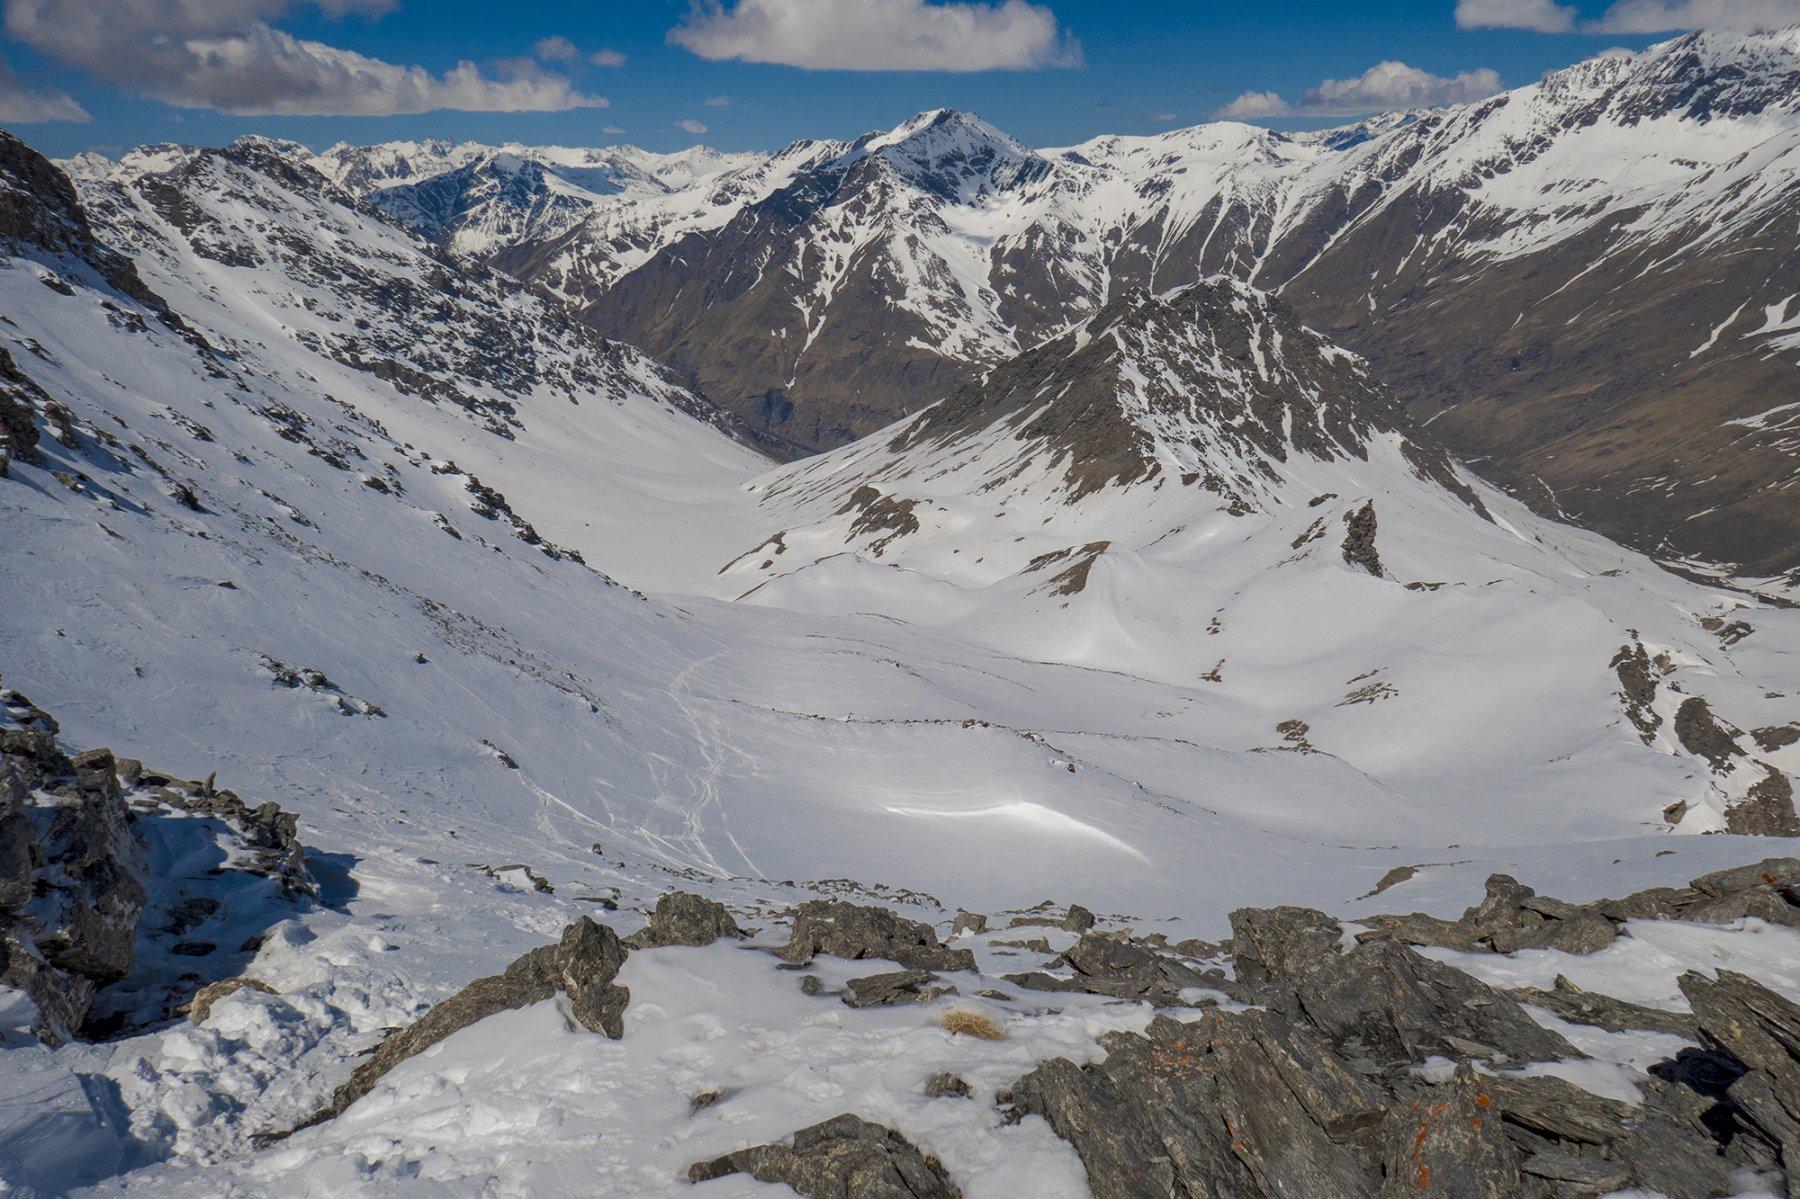 La vista dalla cima verso il versante di risalita